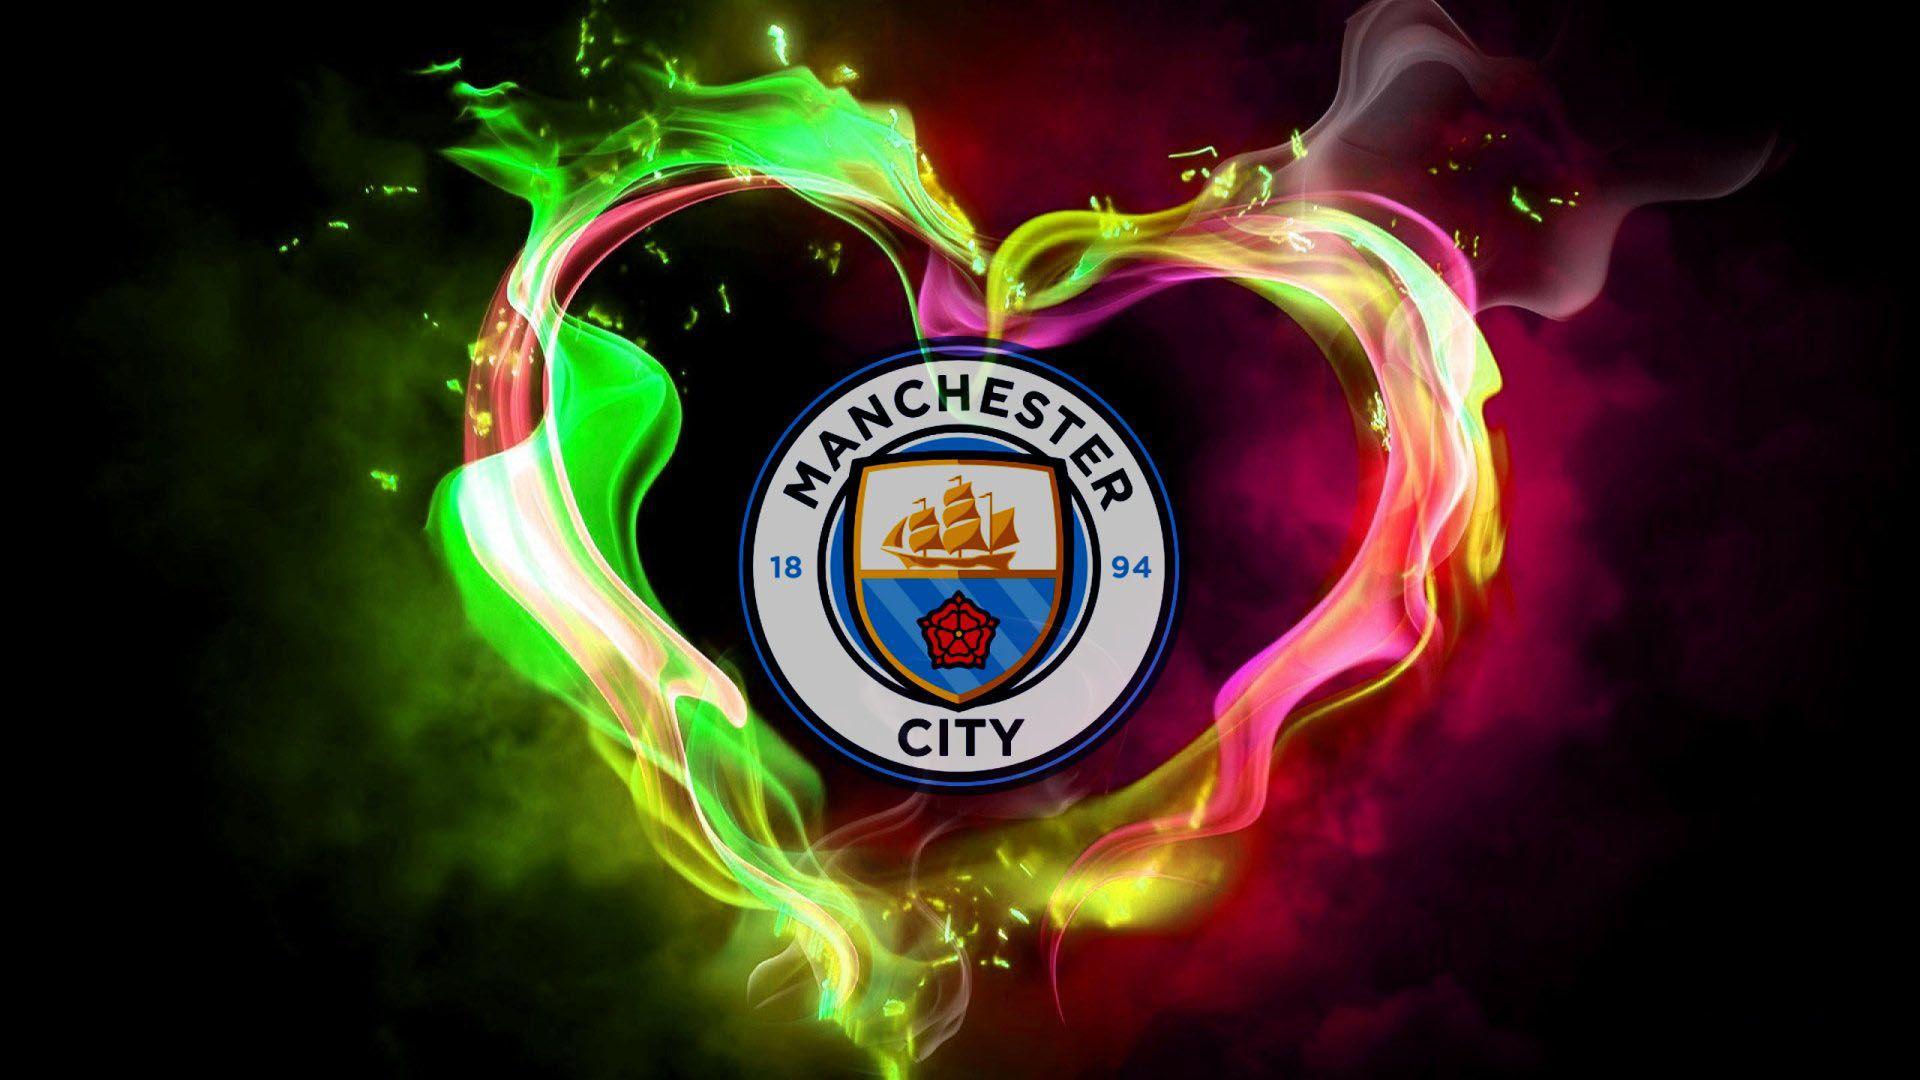 Manchester City desktop wallpaper